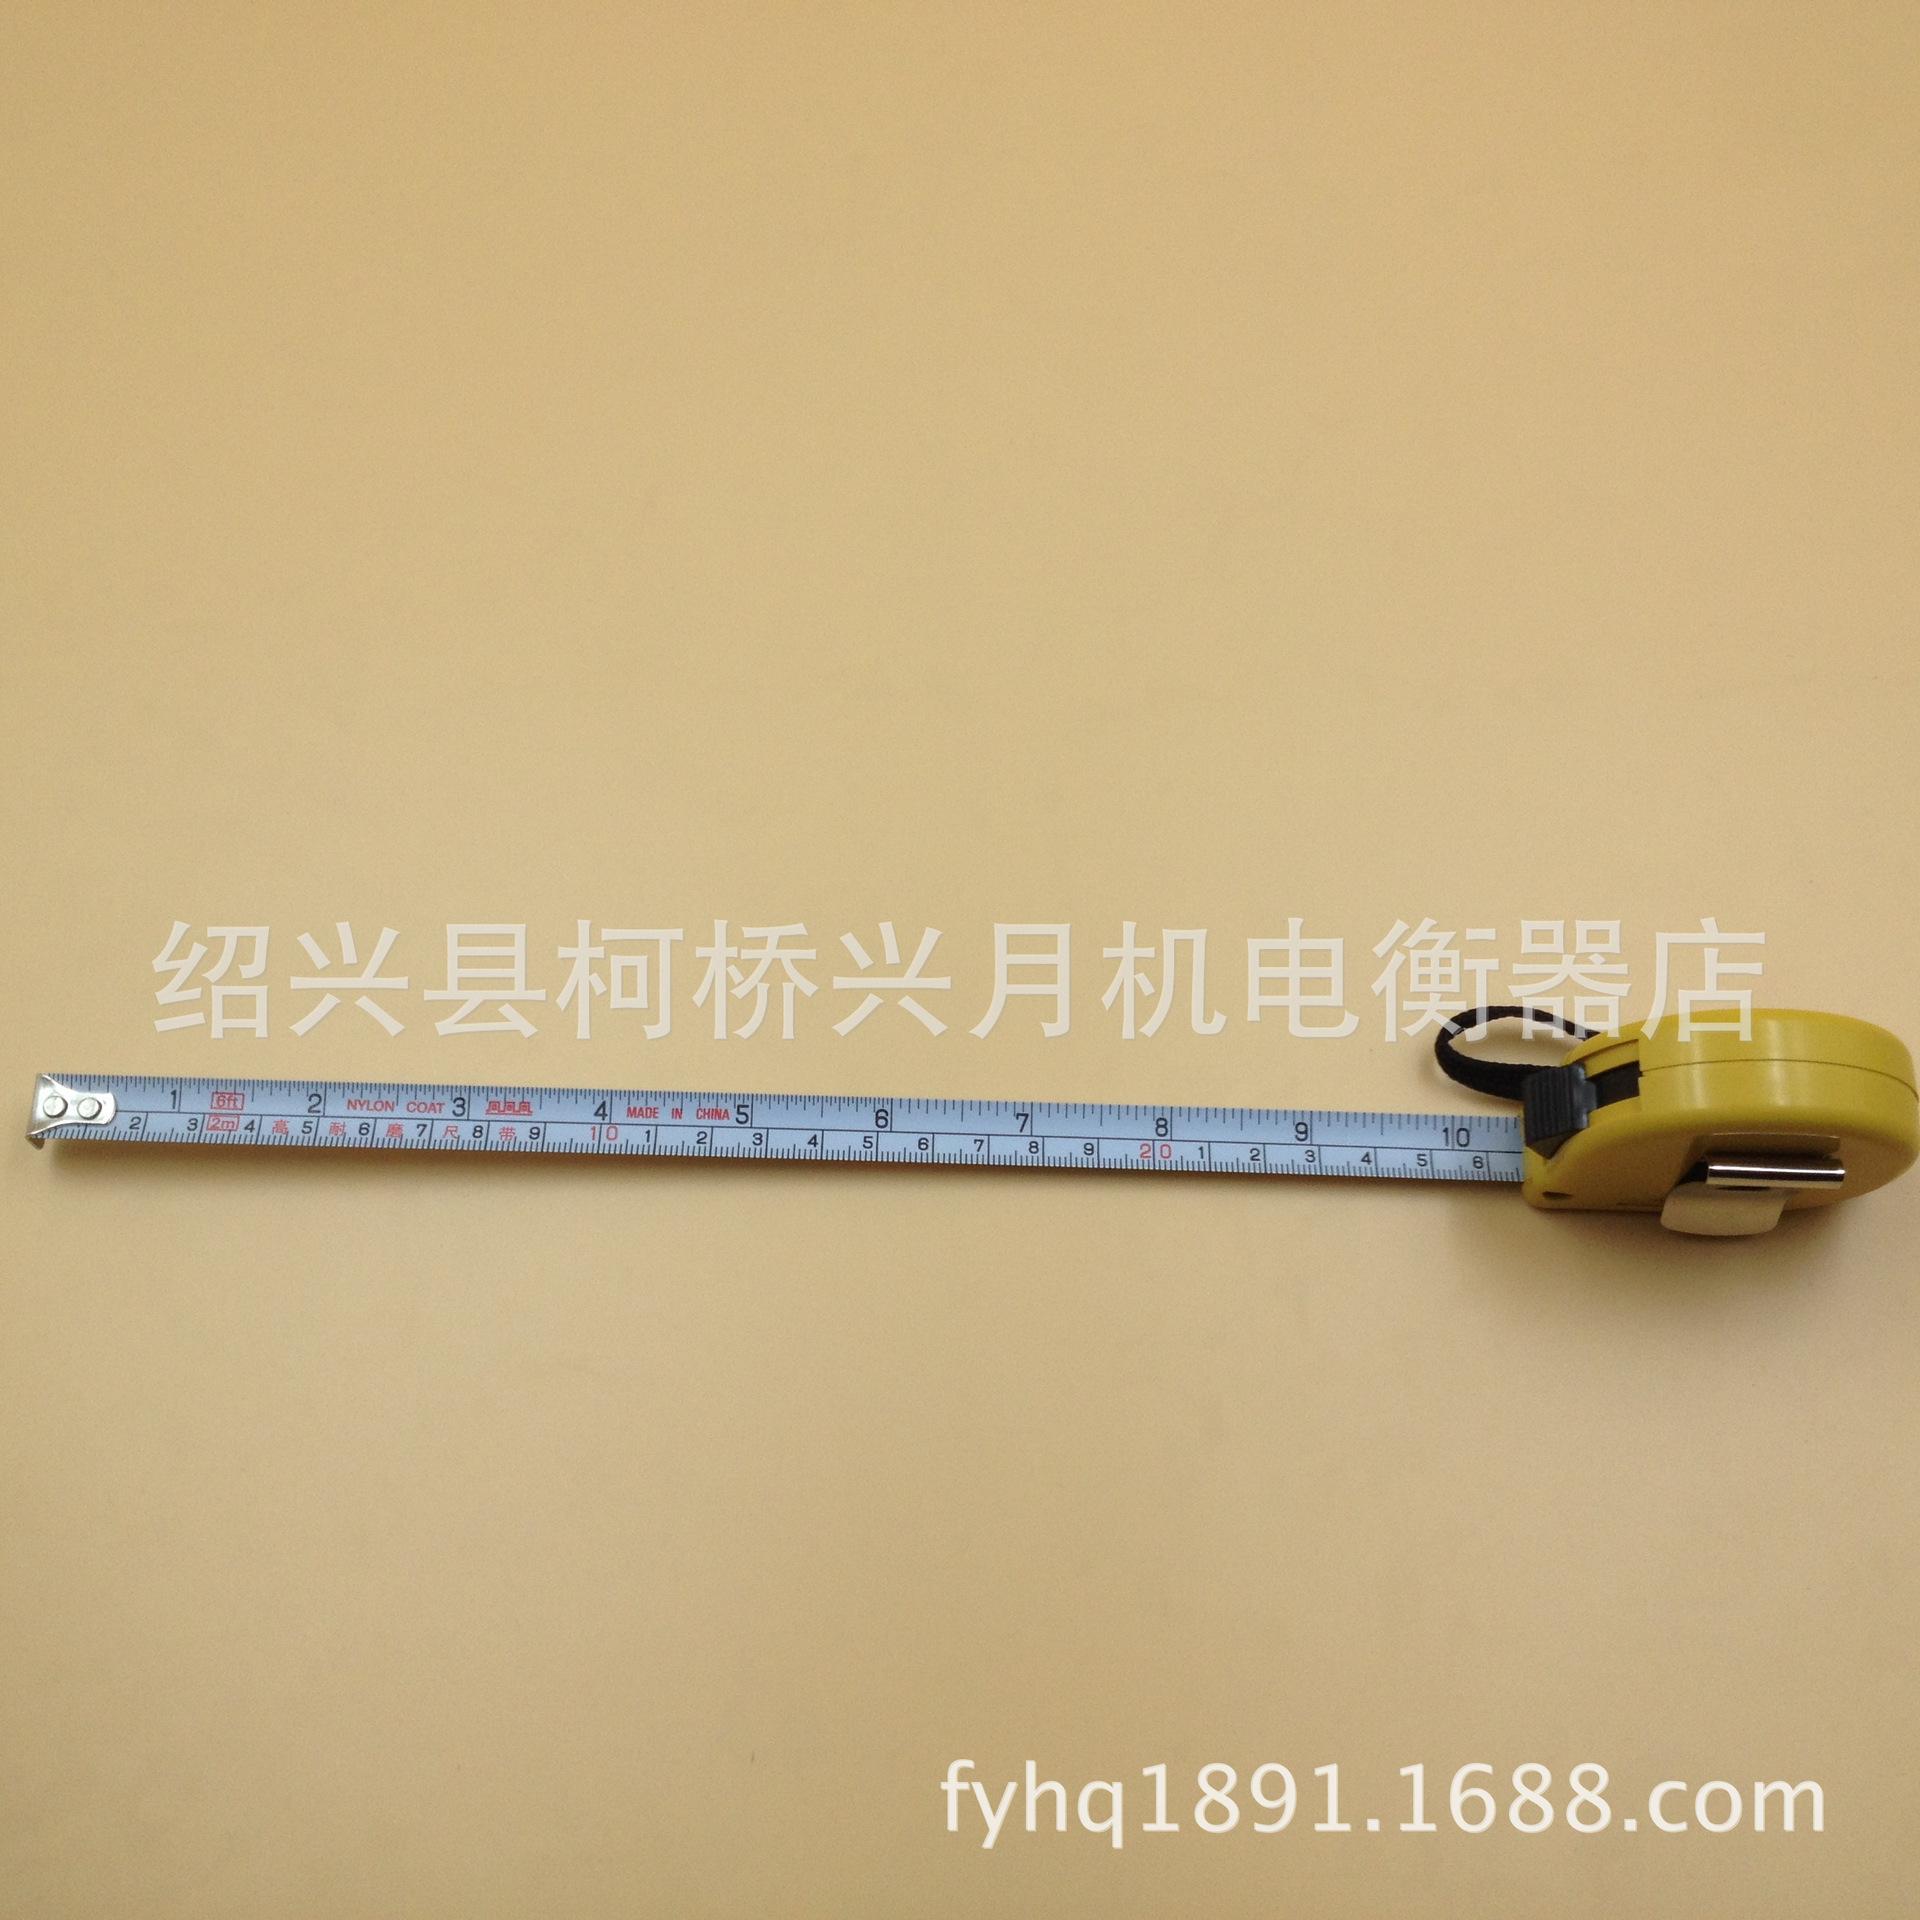 2米公英制钢卷尺 2m*12.5mm